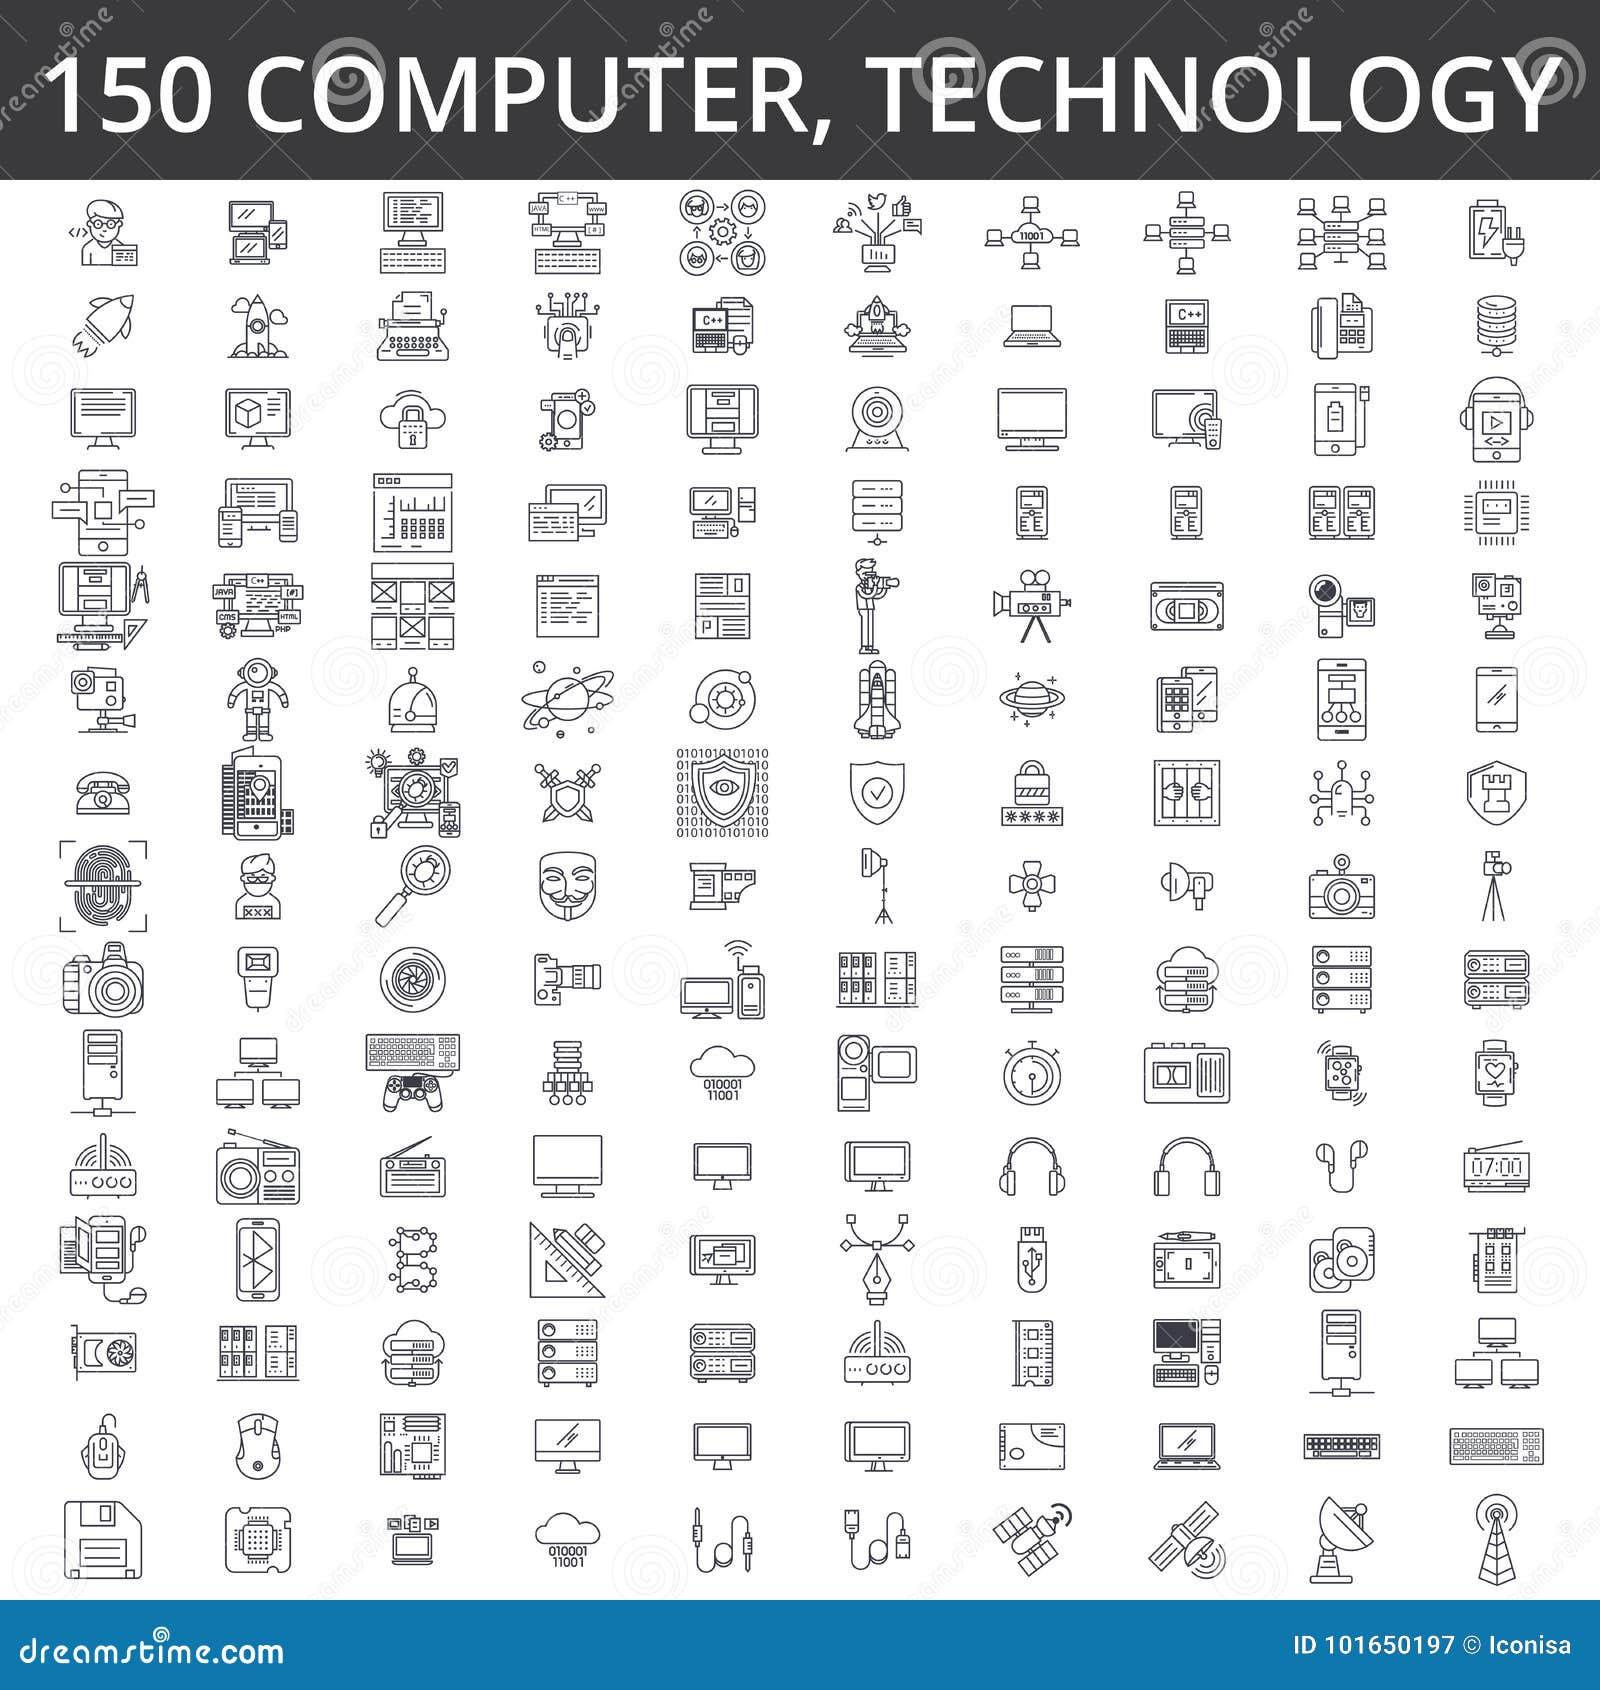 计算机游戏,信息技术,云彩网络,主持,大数据,安全,智能手机,机动性,硬件线